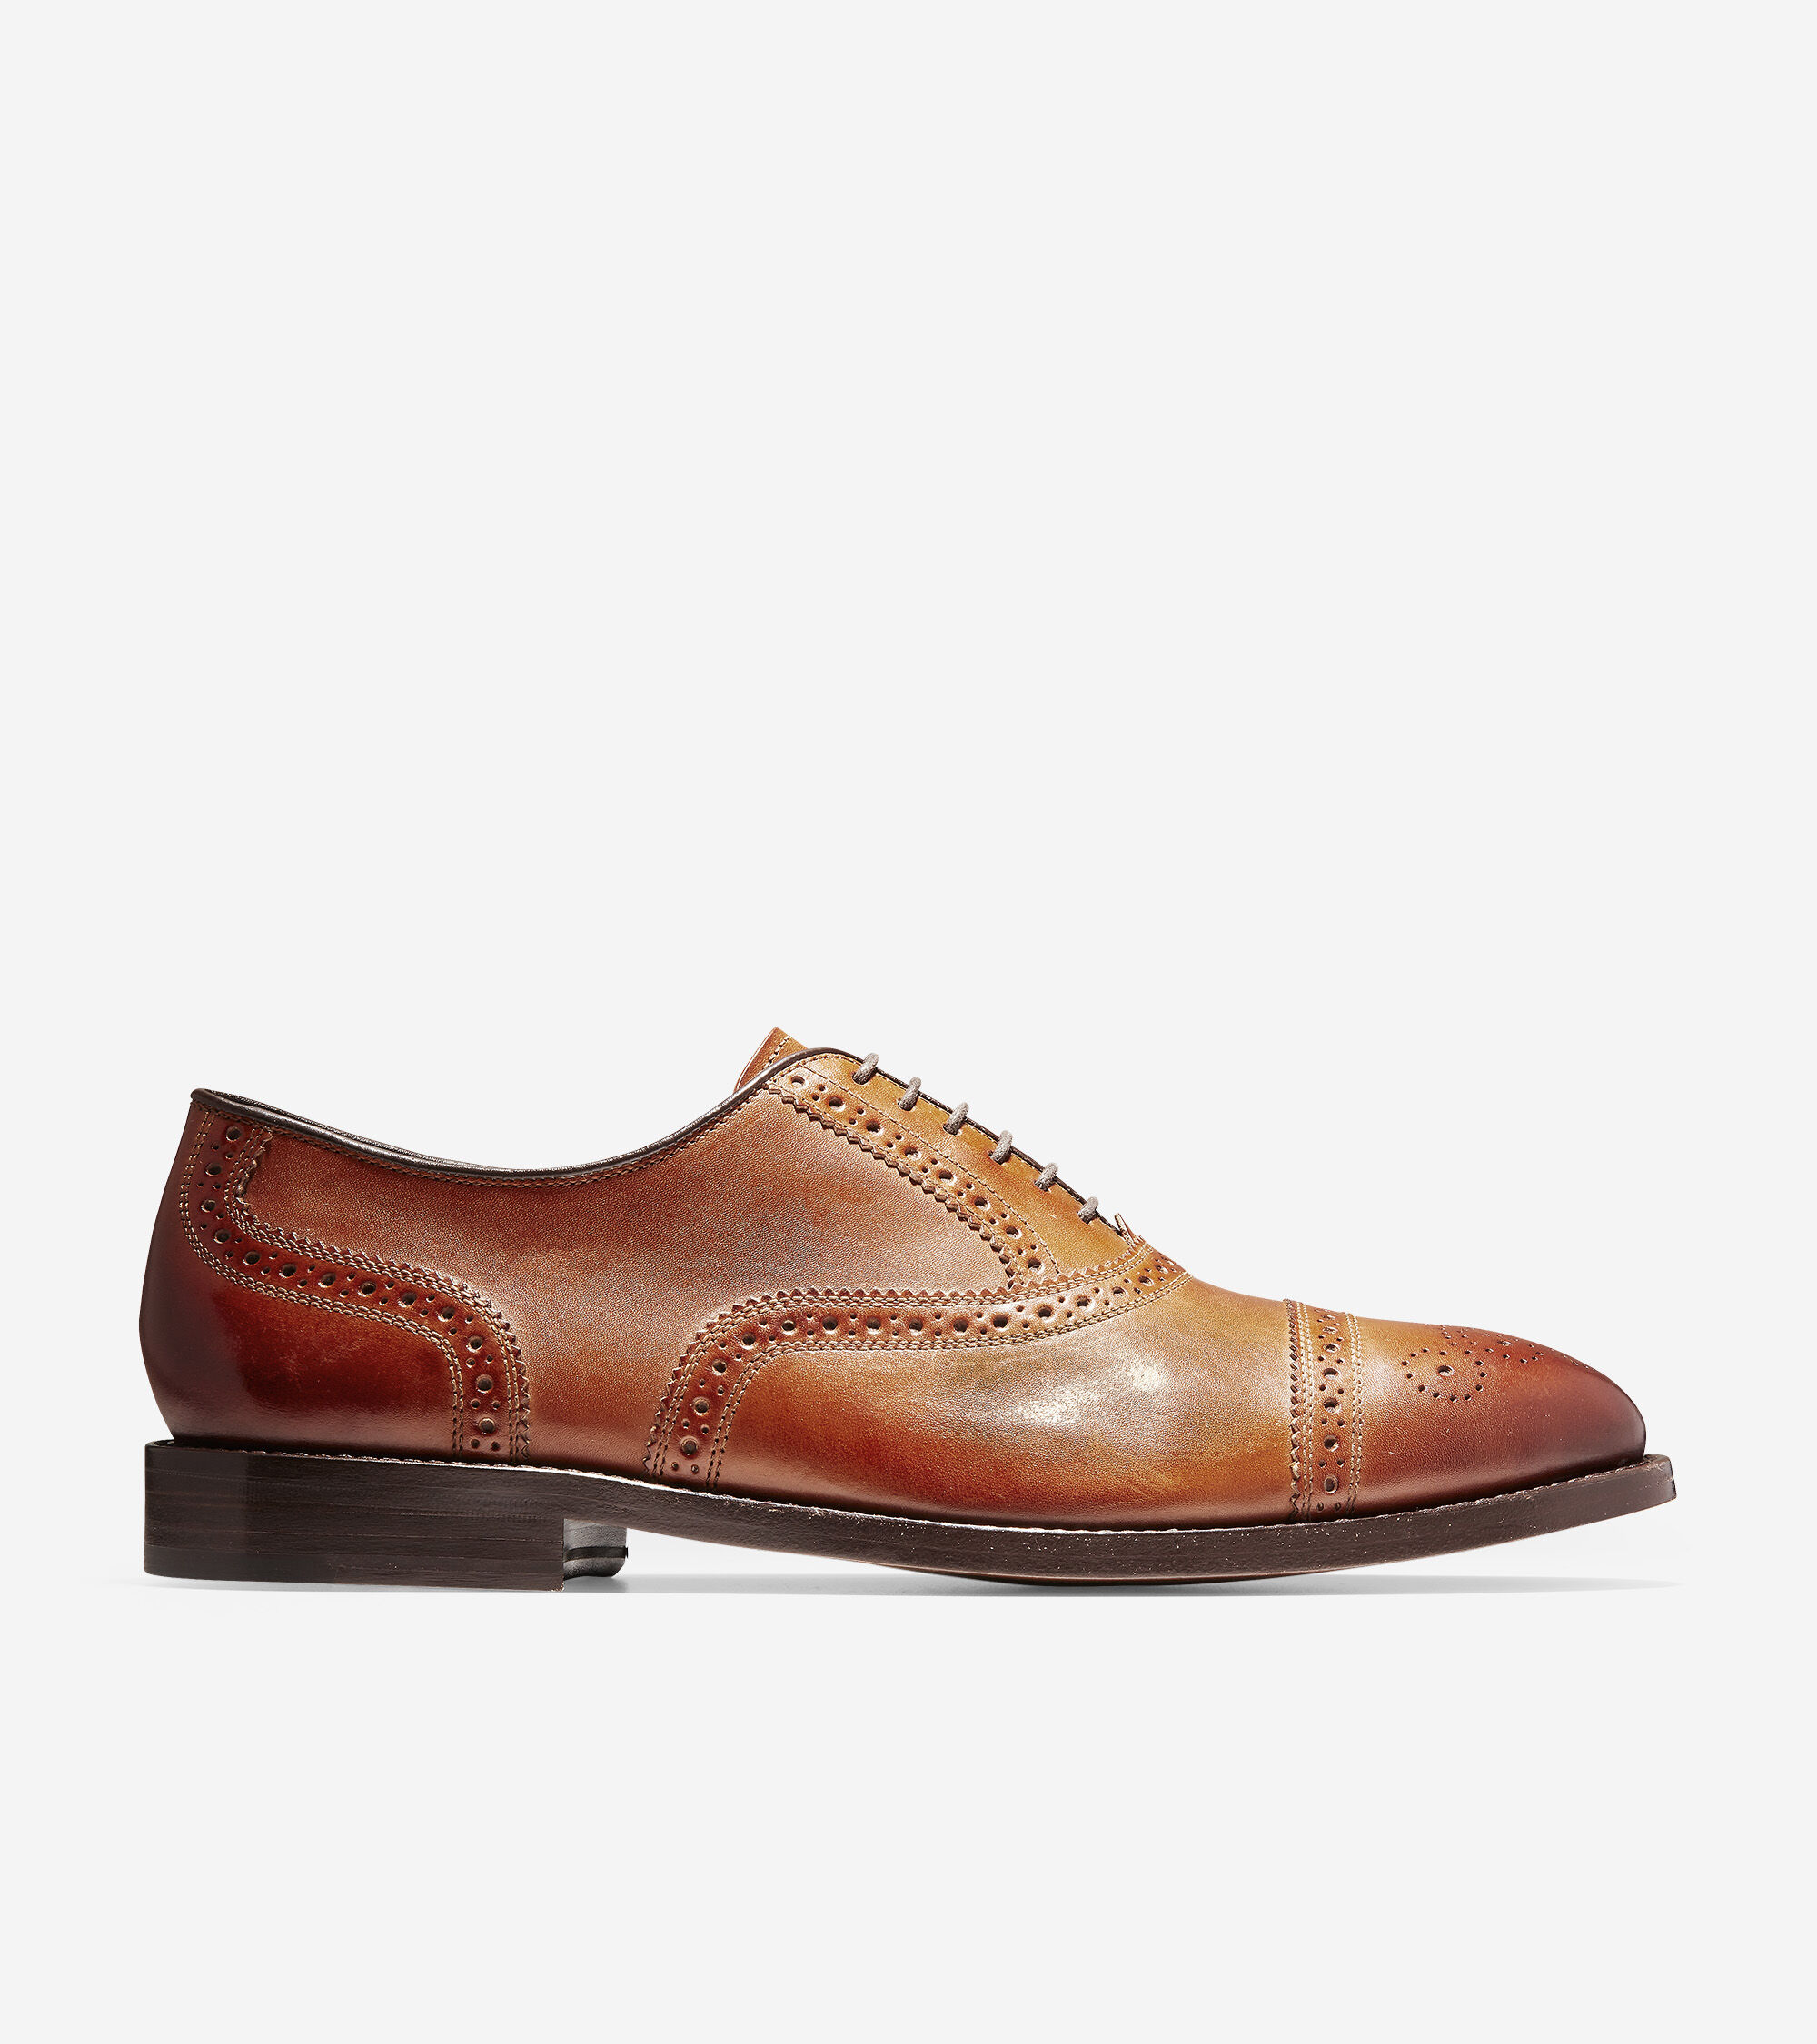 d1f4013fd Cole Haan American Classic Kneeland Brogue Cap Toe Oxford ...